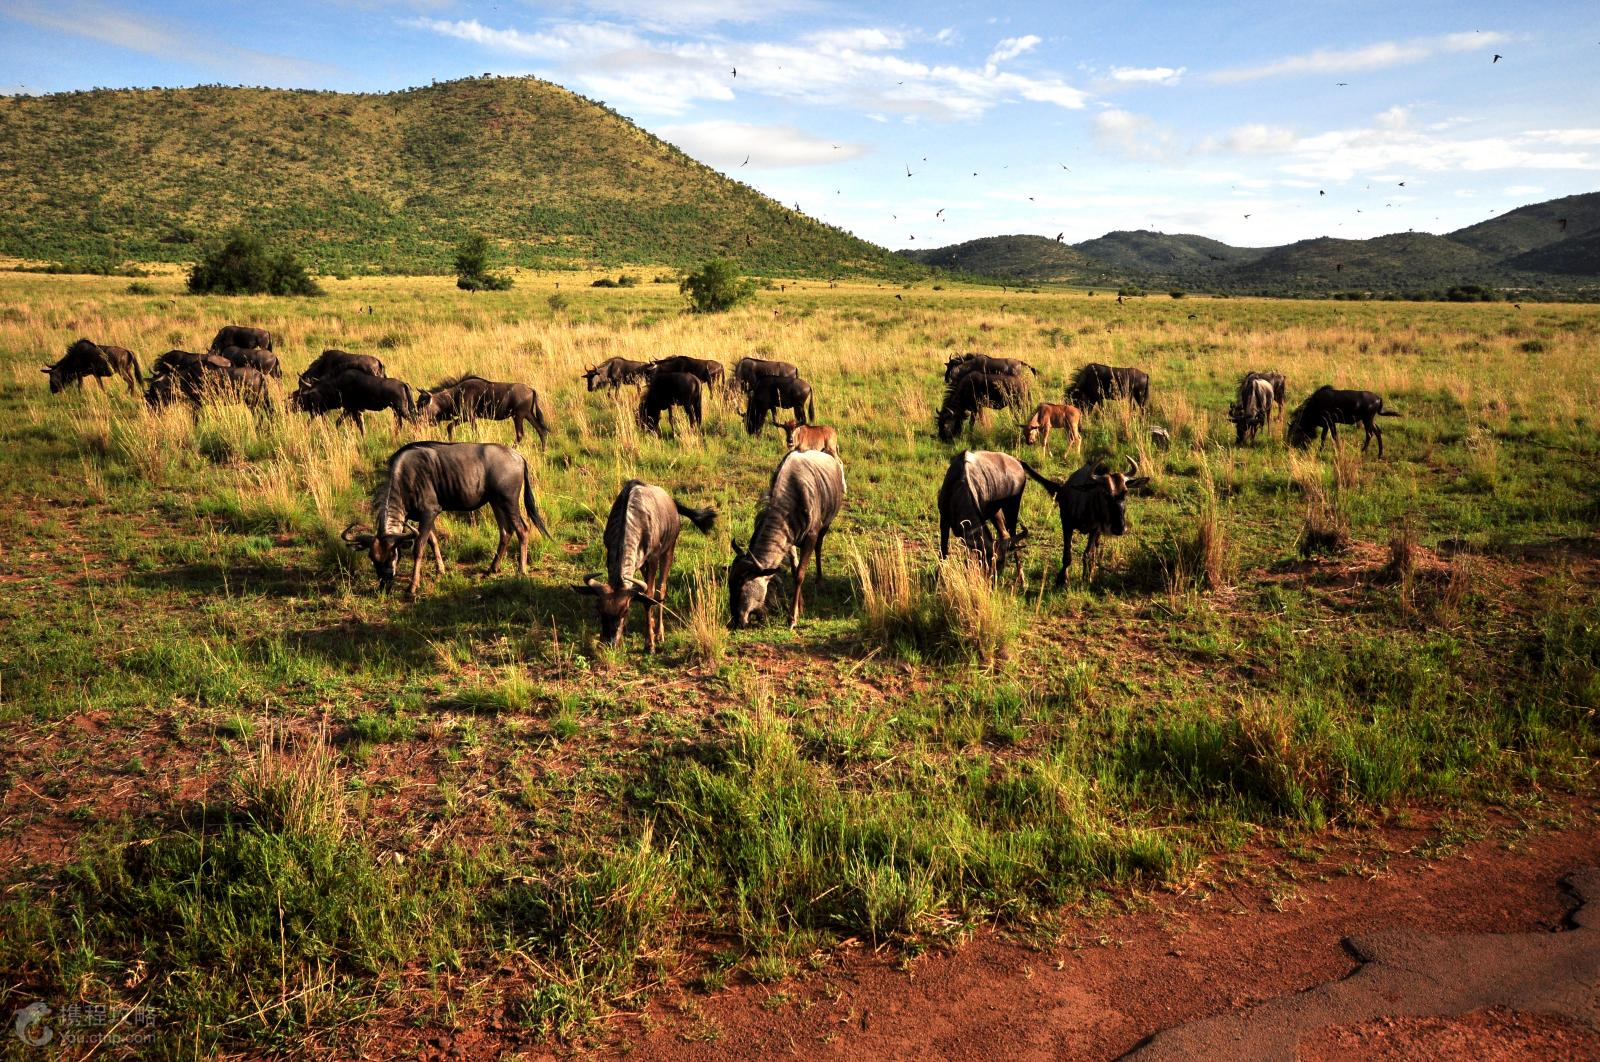 南非四大野生动物园之一)